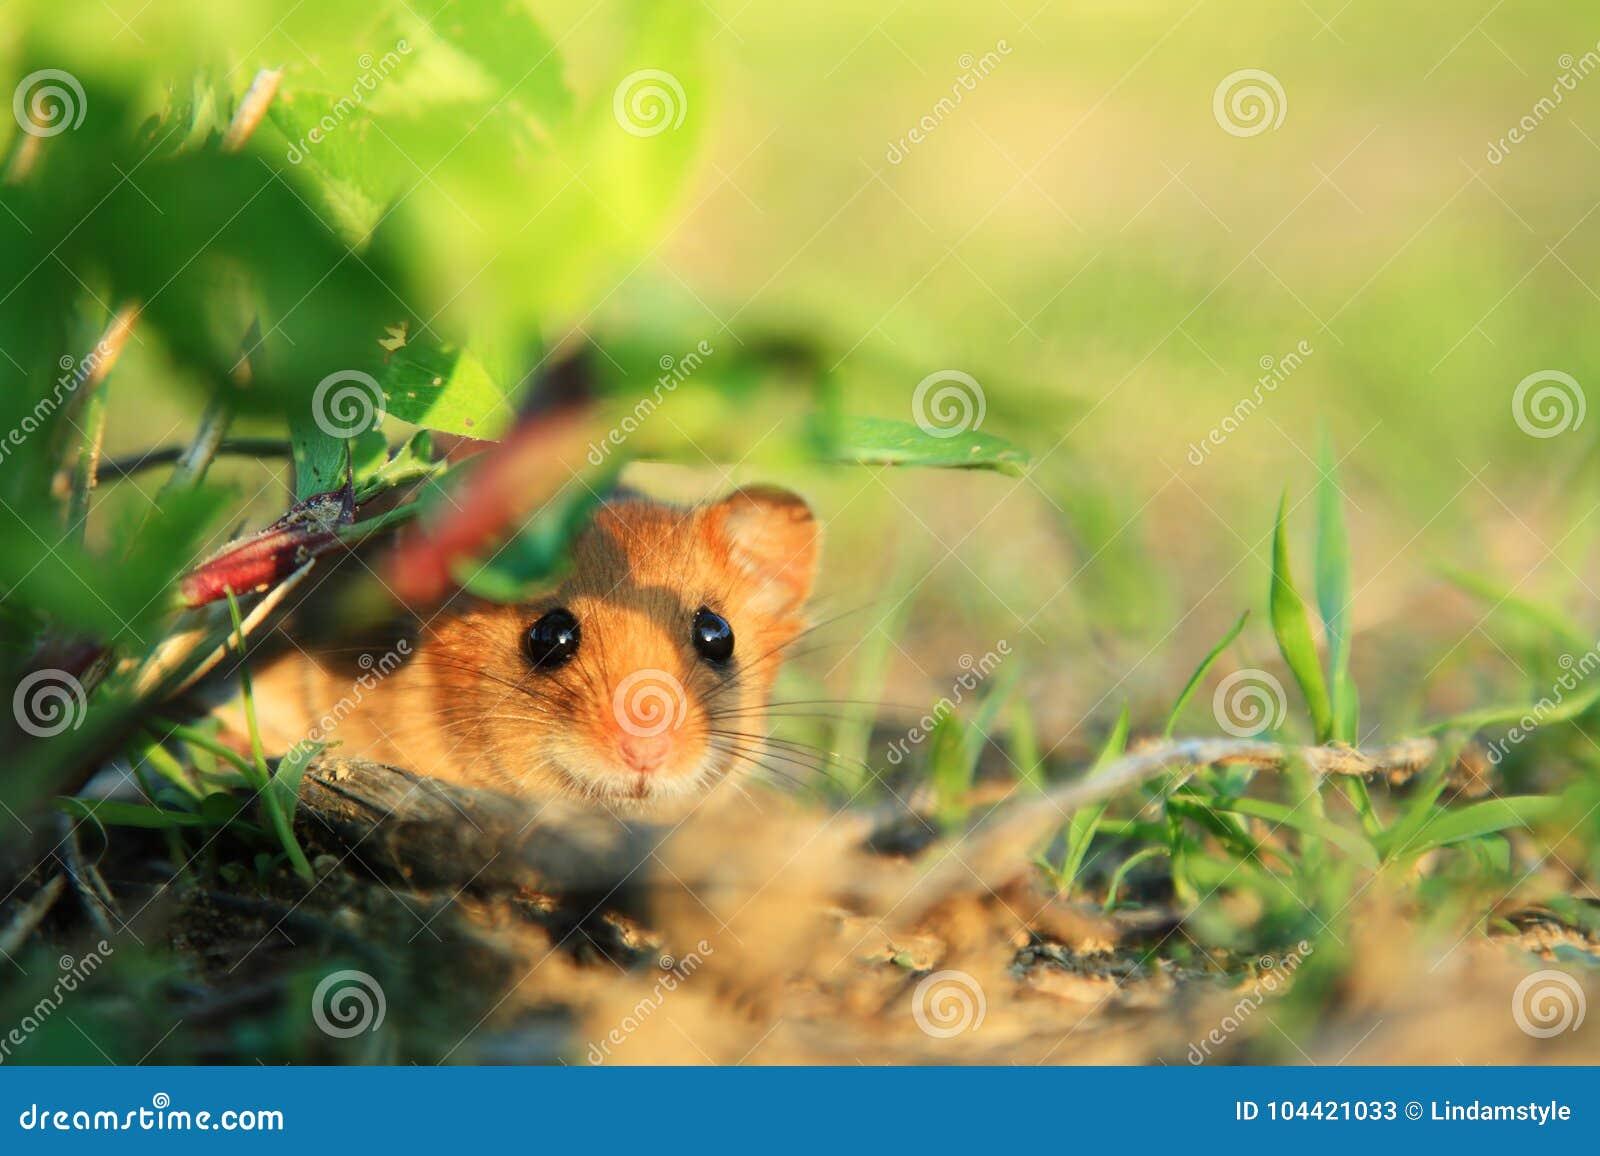 Blygt gulligt litet djur i natur